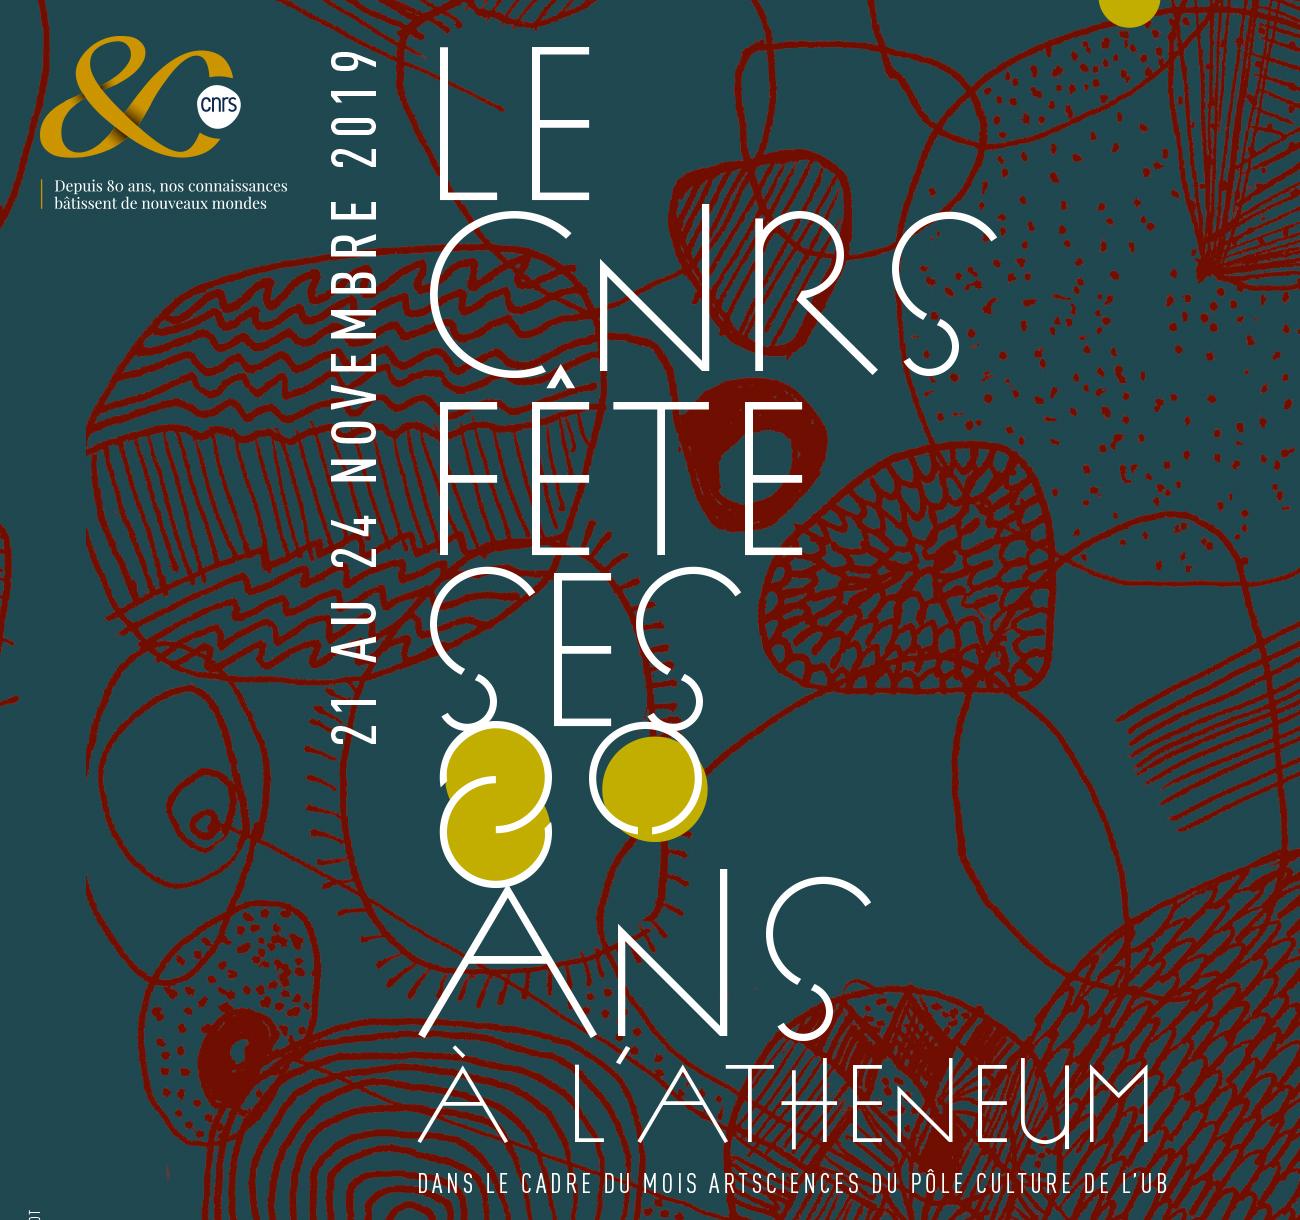 Le CNRS fête ses 80 ans à l'Athéneum